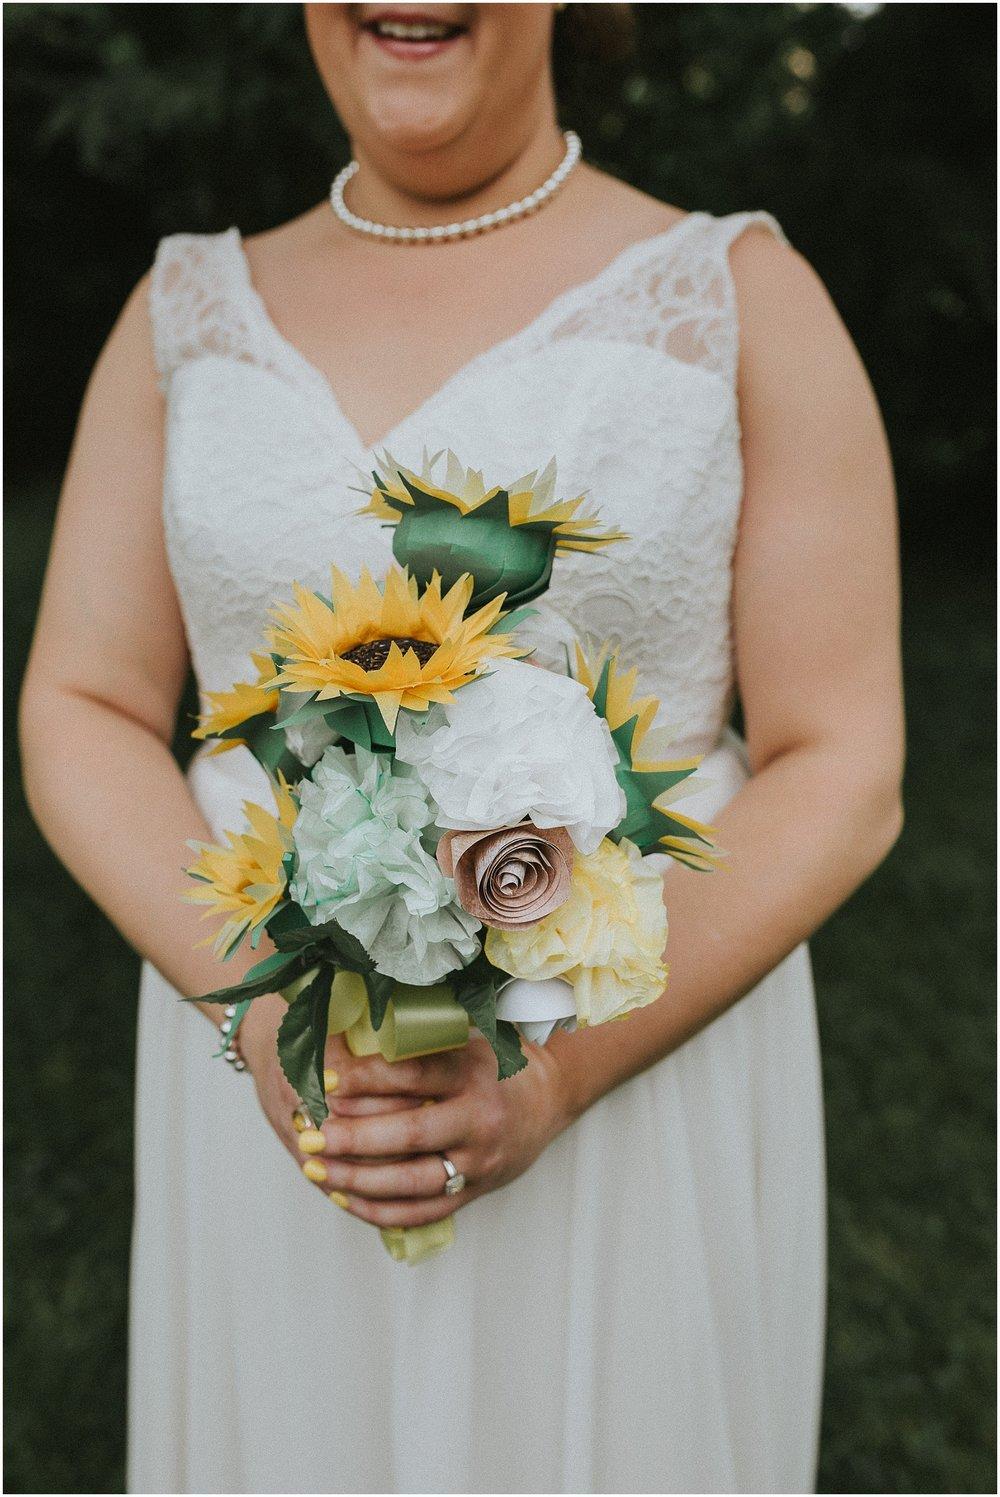 Reading-Pennsylvania-Outdoor-Wedding-DIY-Bride-Groom-Dancing-Laughter-Reception (23).jpg